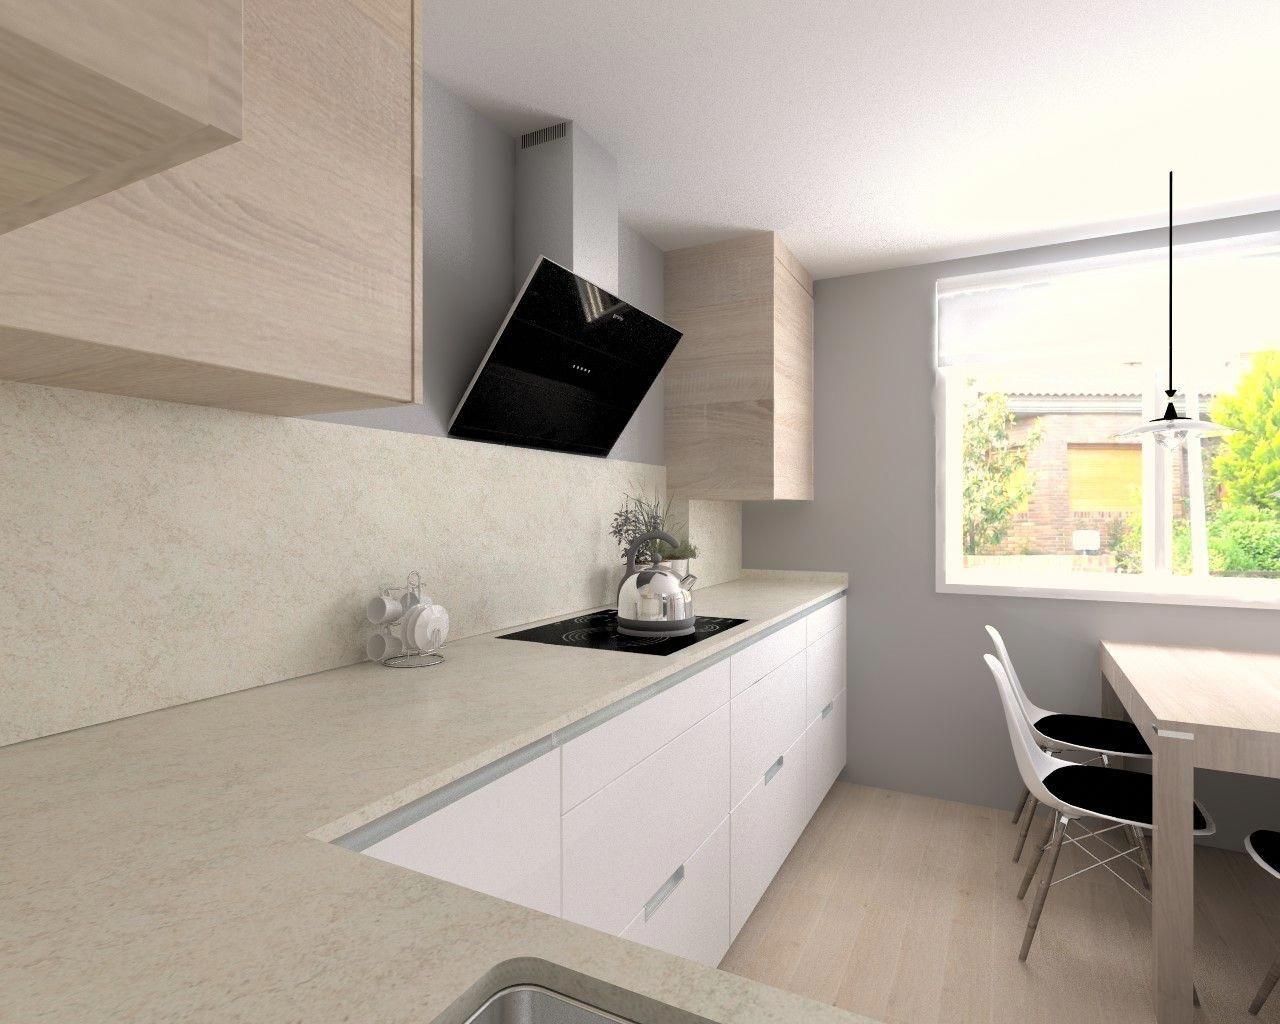 Cocina Santos Modelo Minos L Blanco Seda Encimera Granito Perla Venata Cocinasestrechas Home Decor Kitchen Projects Bathroom Vanity